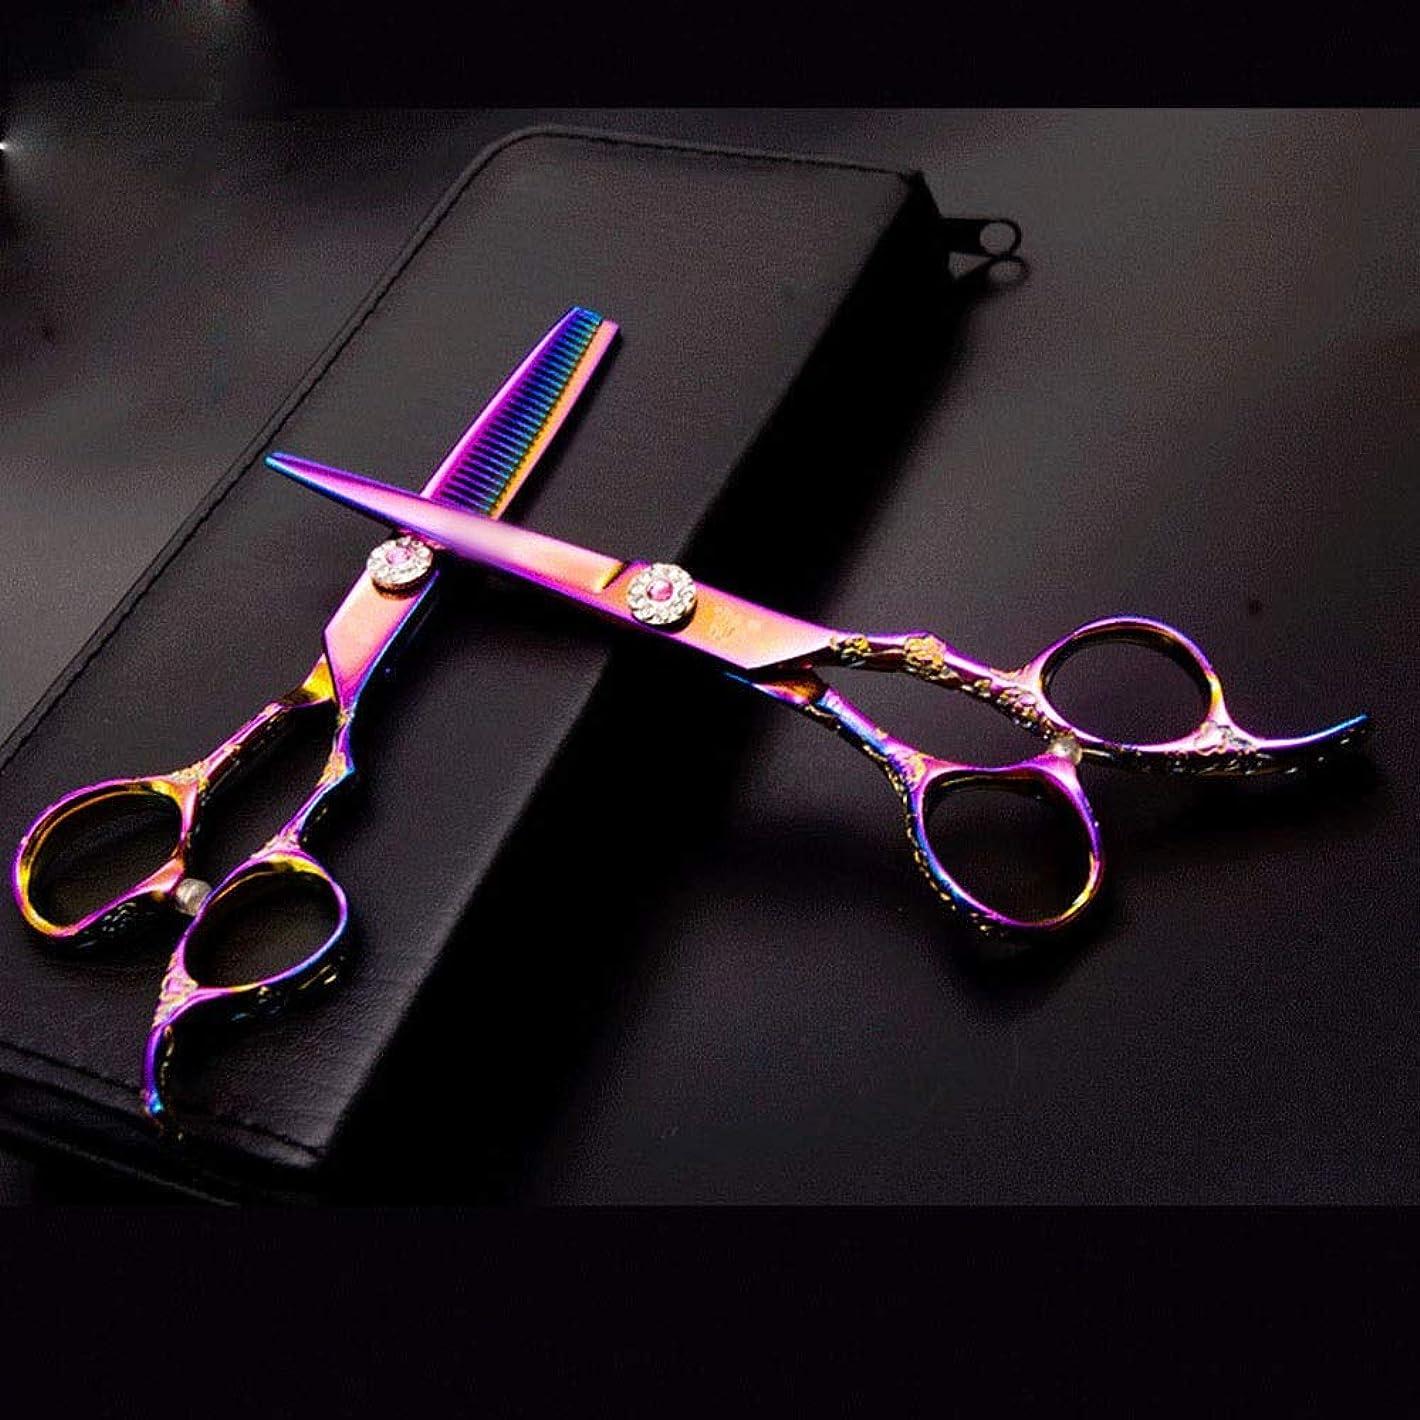 ファンド代わって単語6インチ美容院プロのヘアカットフラット+歯はさみセット、カラフルな彫刻が施された散髪ツールセット モデリングツール (色 : Colors)